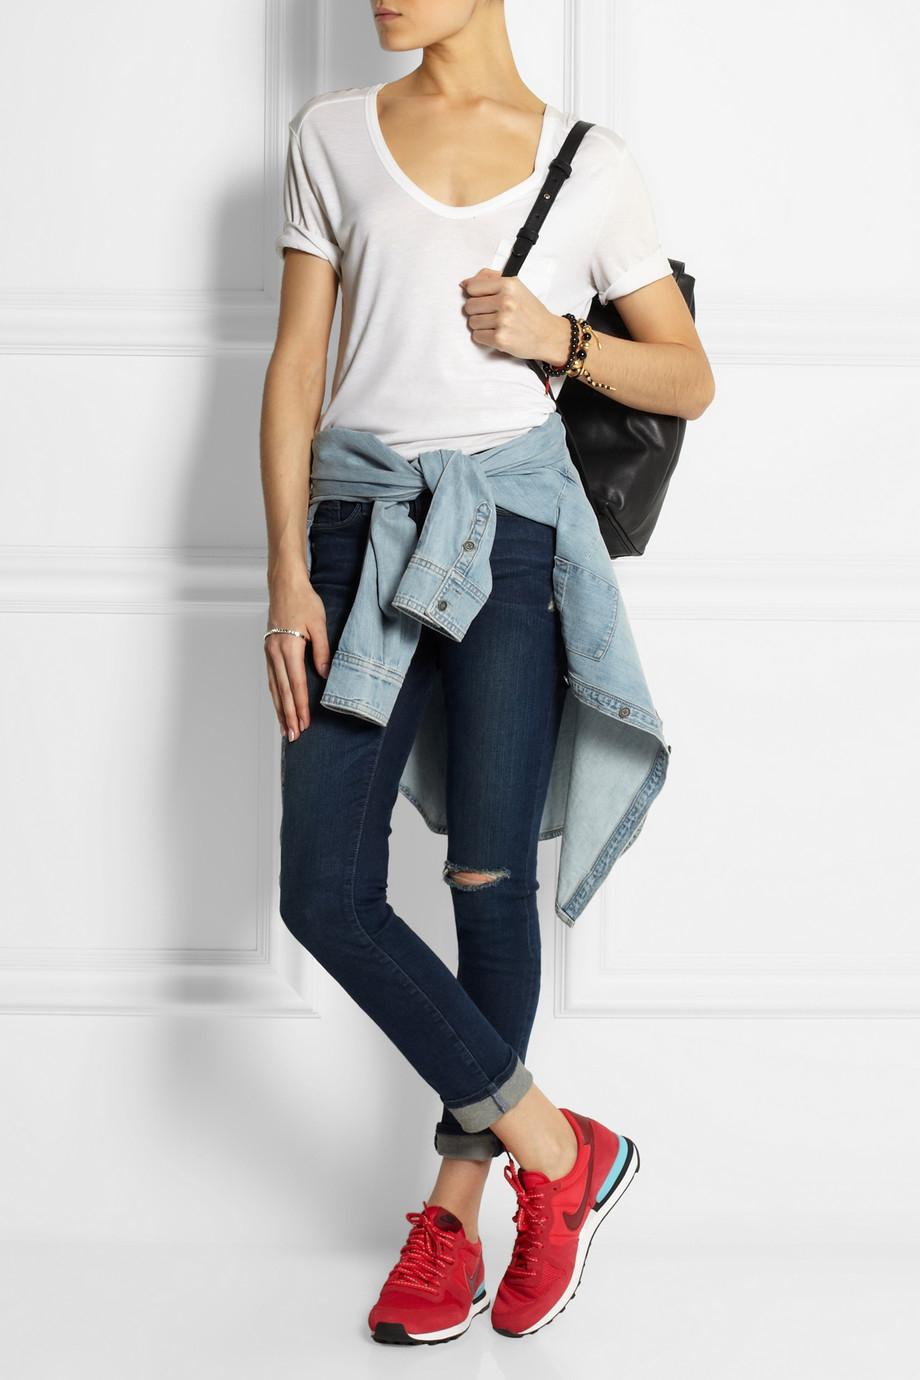 norway nike internationalist sneaker women 40d40 598fe